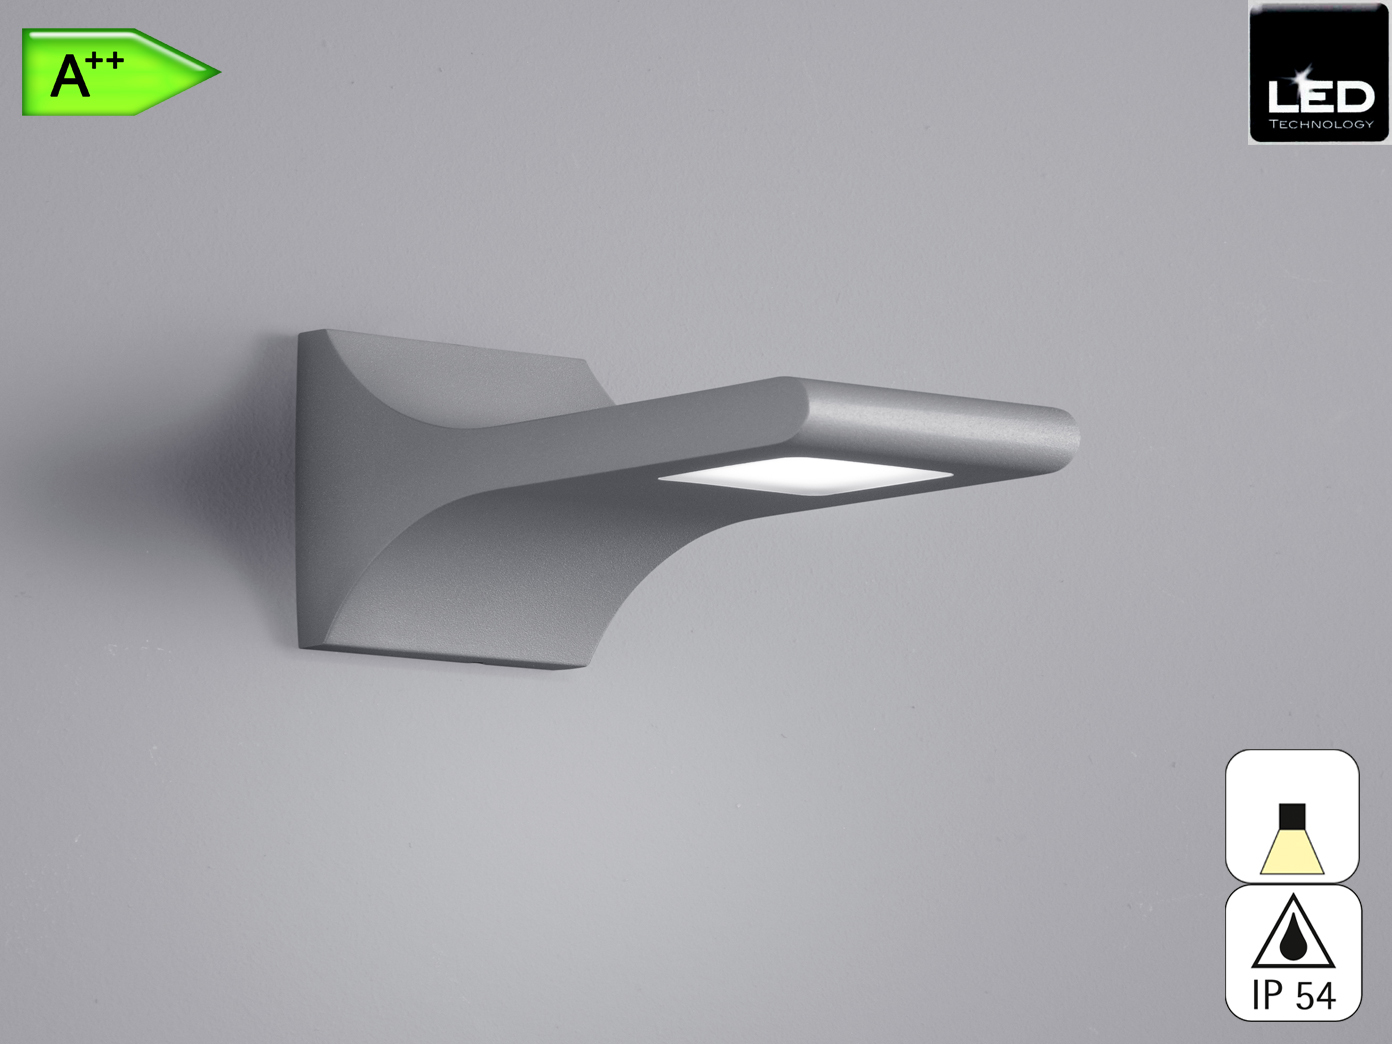 Außenwandleuchte YUKON, titan, 3 Watt LED, 280 Lumen, IP54